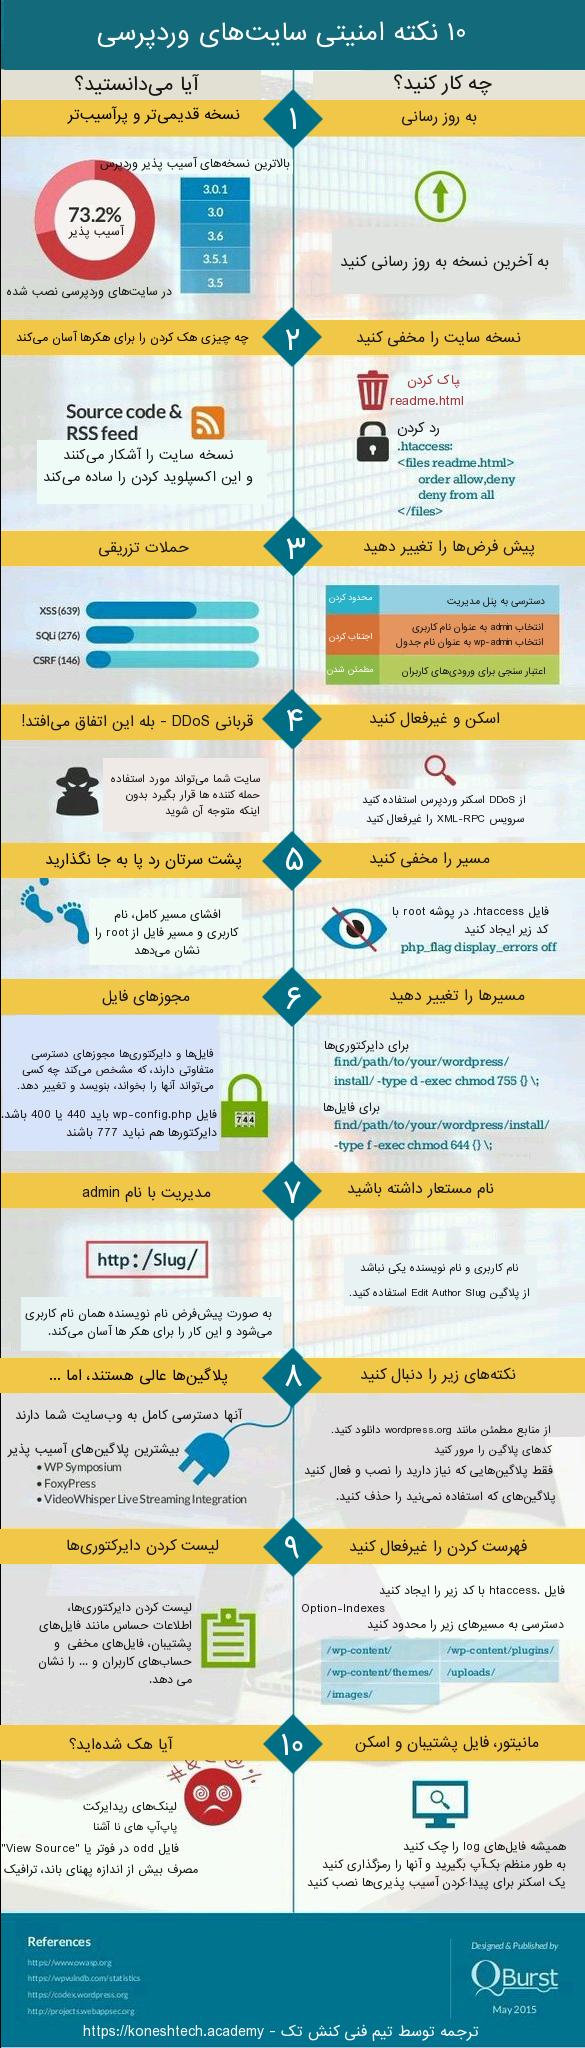 ۱۰ نکته امنیتی سایتهای وردپرس